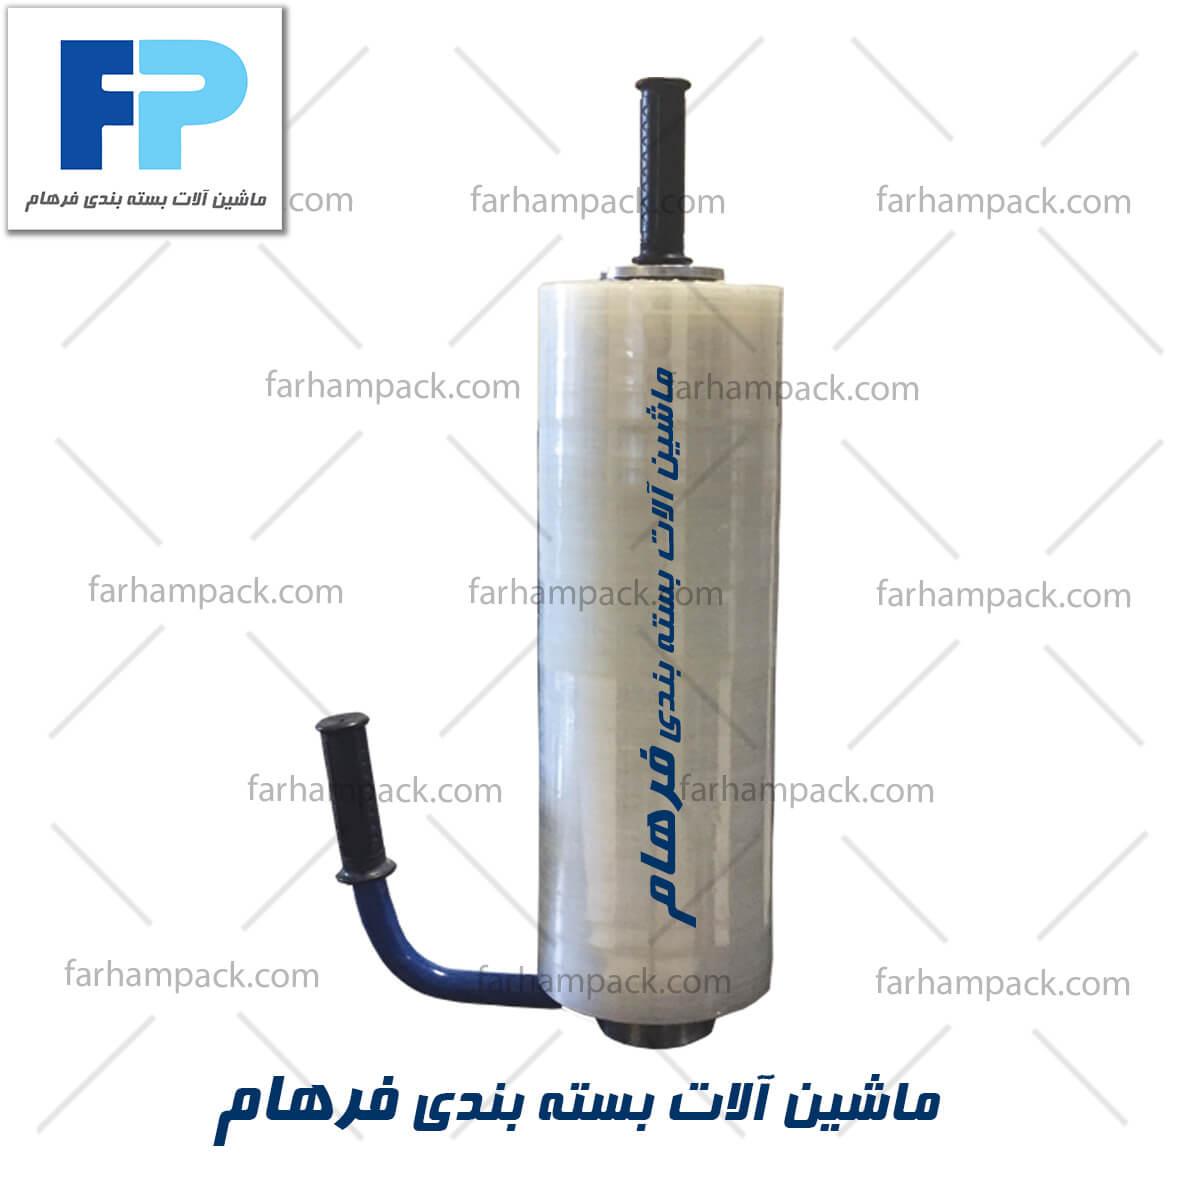 دستگاه استرچ دستی-فروش استرچ پالت-قیمت دستگاه استرچ پالت-استرچ پیچ دستی